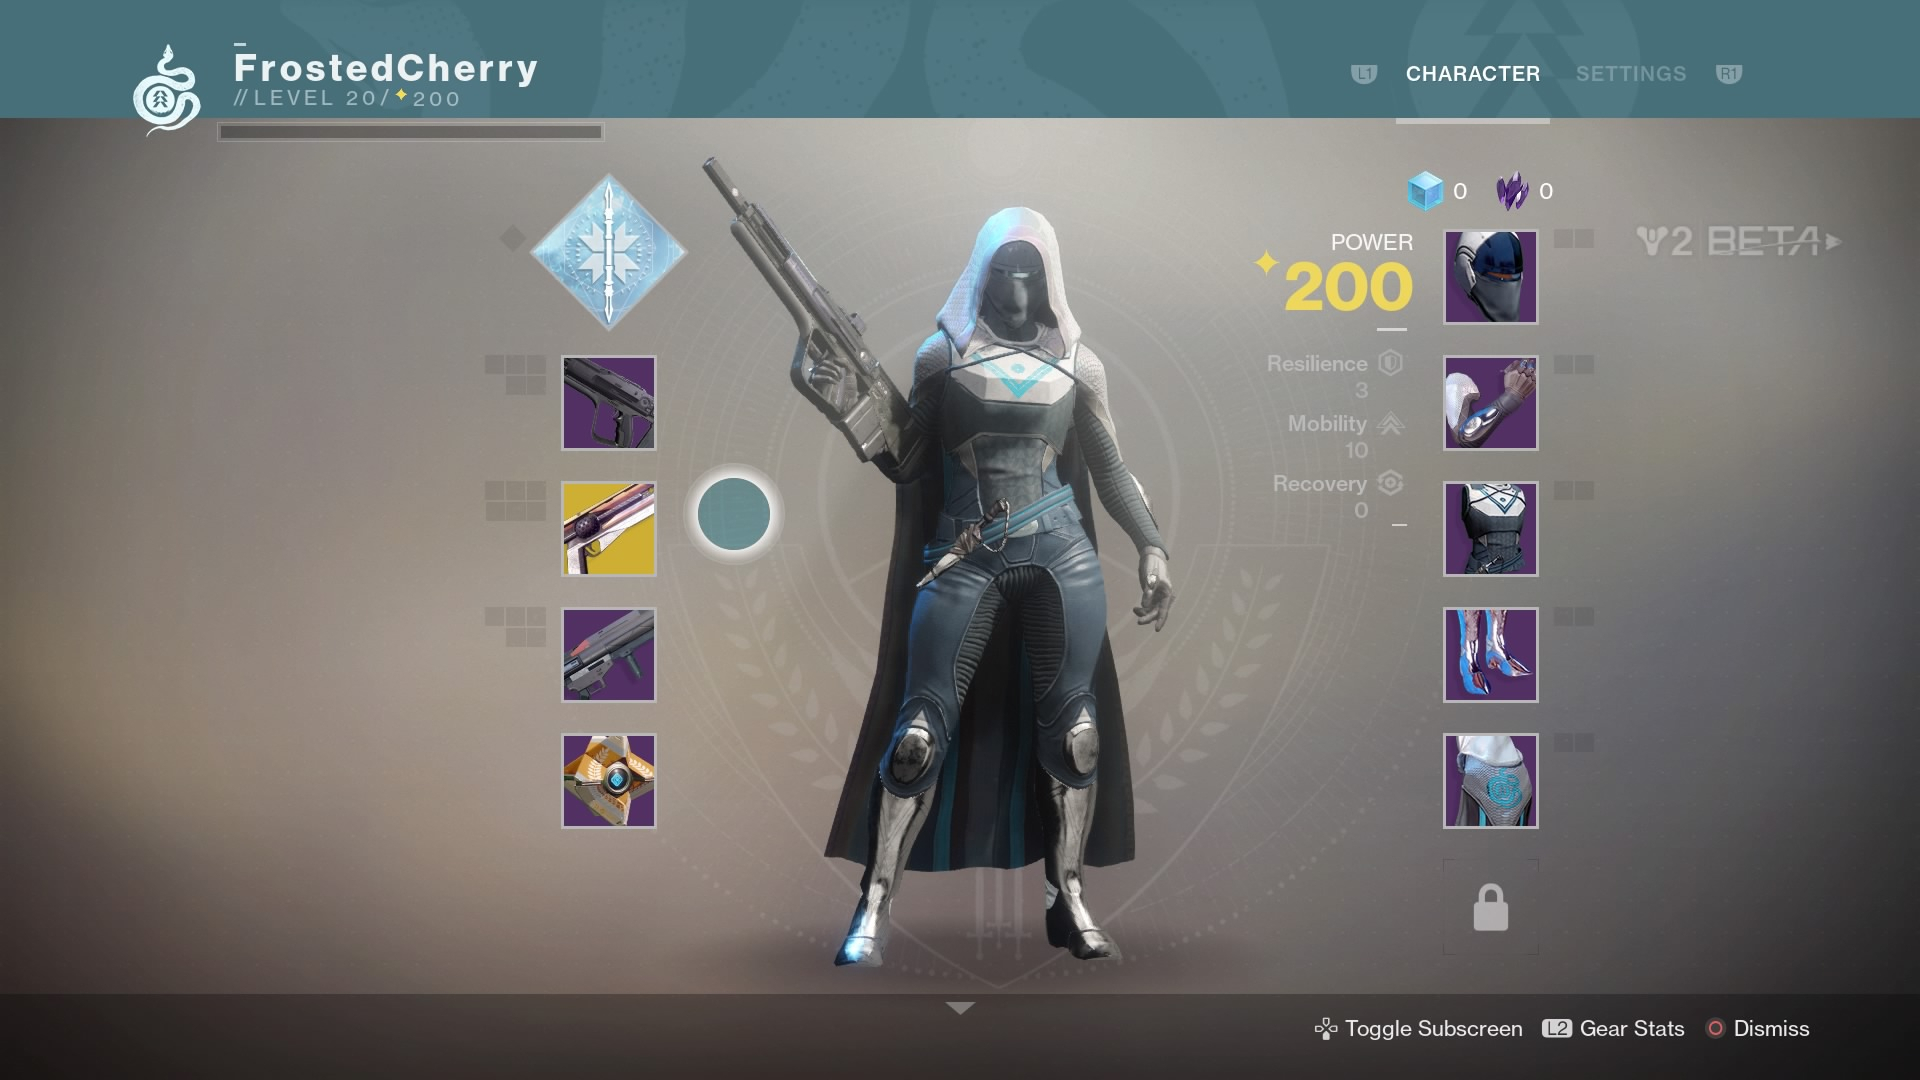 Destiny 2 Vendor Spreadsheet With All Current Armor Sets : Destinythegame